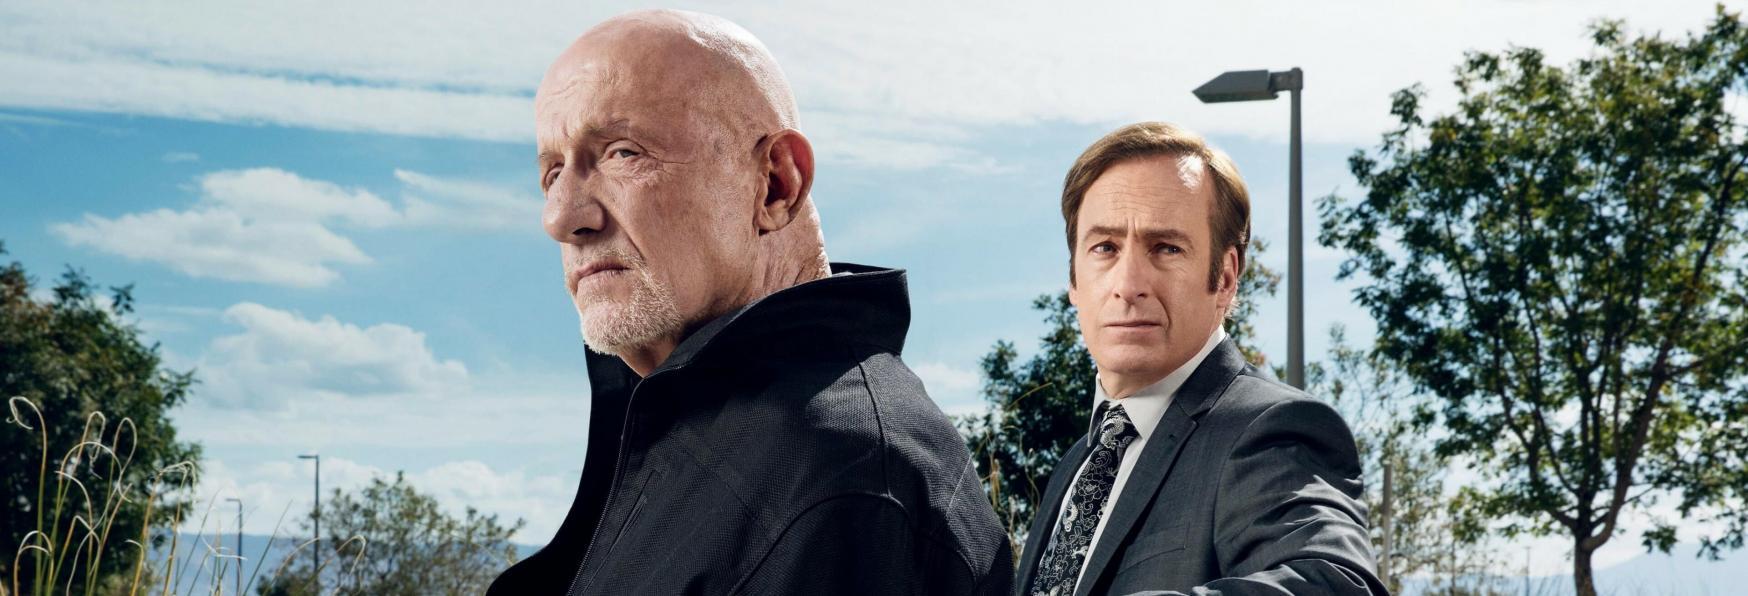 Better Call Saul 6: Dodici Domande a cui la Serie TV dovrà Rispondere prima della Conclusione